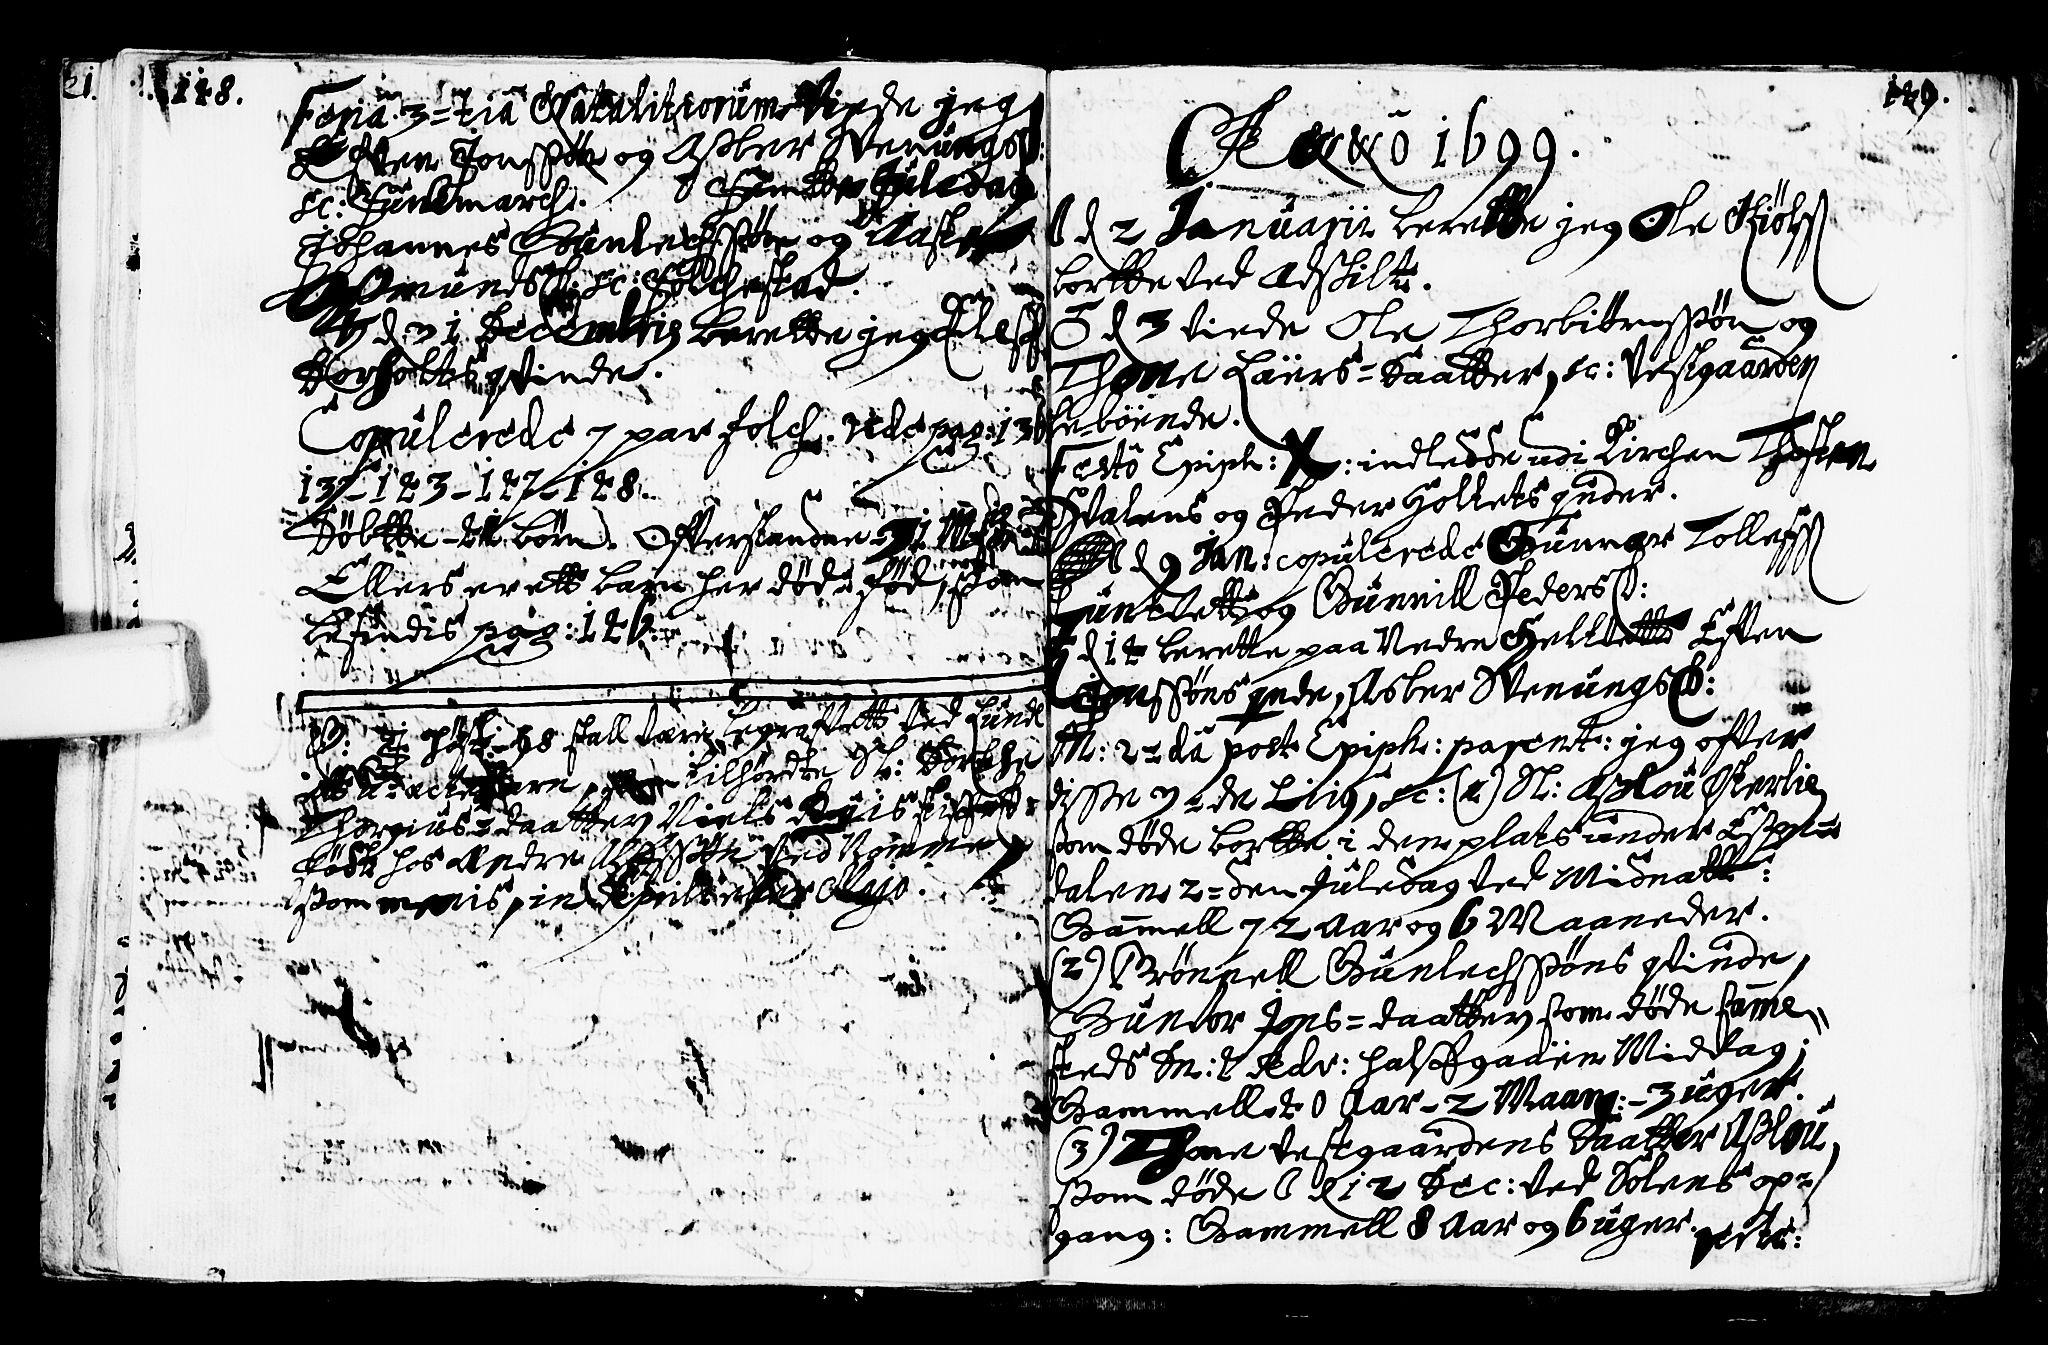 SAKO, Bø kirkebøker, F/Fa/L0001: Ministerialbok nr. 1, 1689-1699, s. 148-149